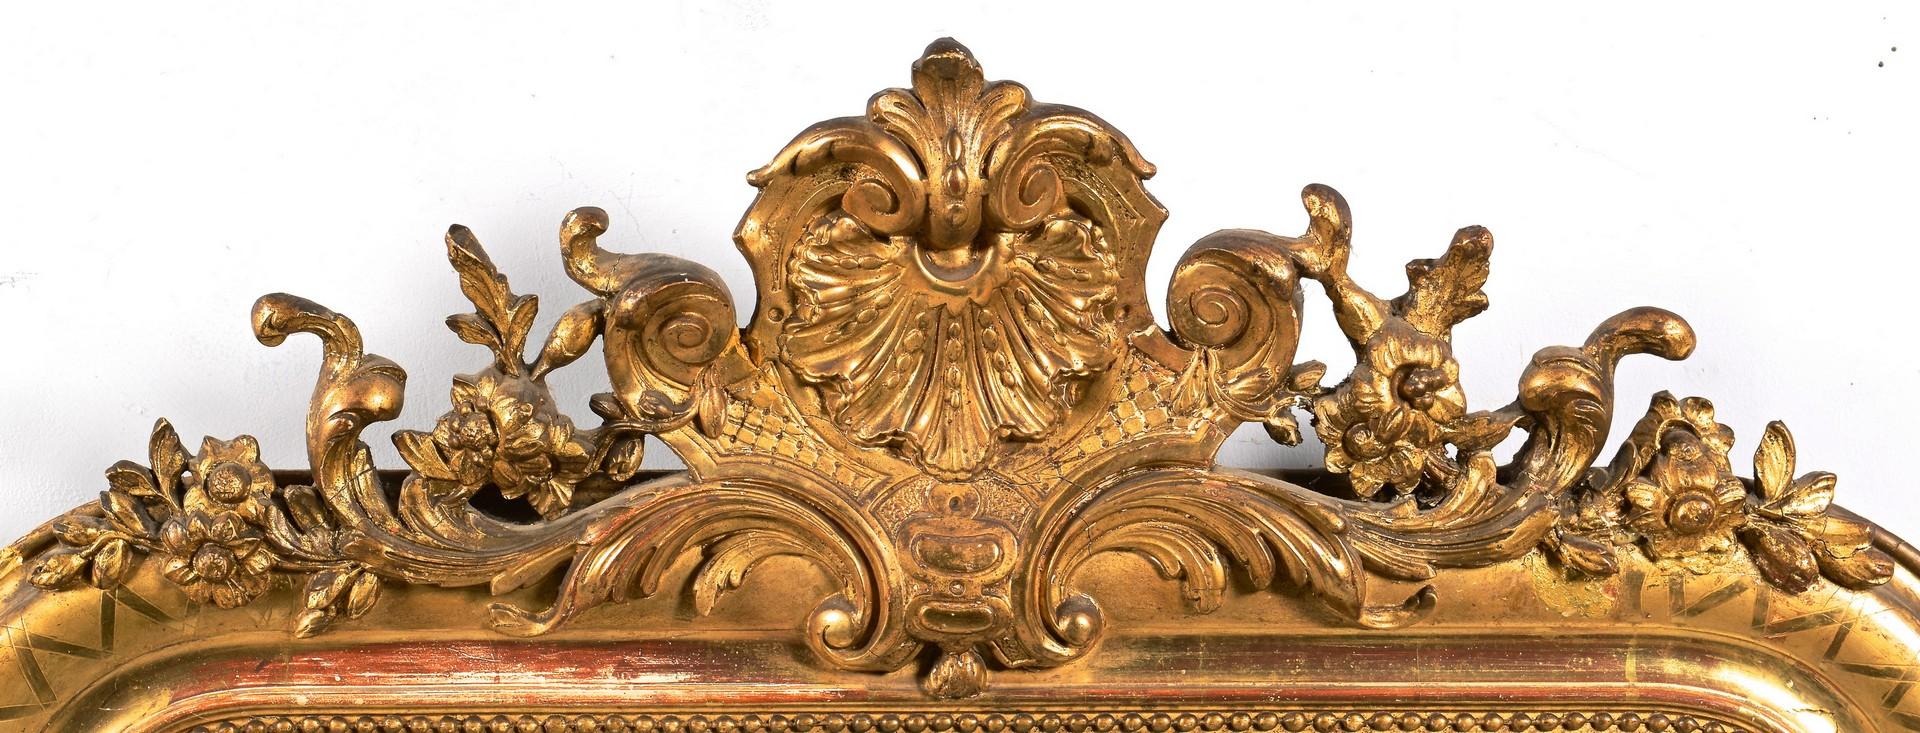 Lot 307 Continental Rococo Style Gilt Mirror